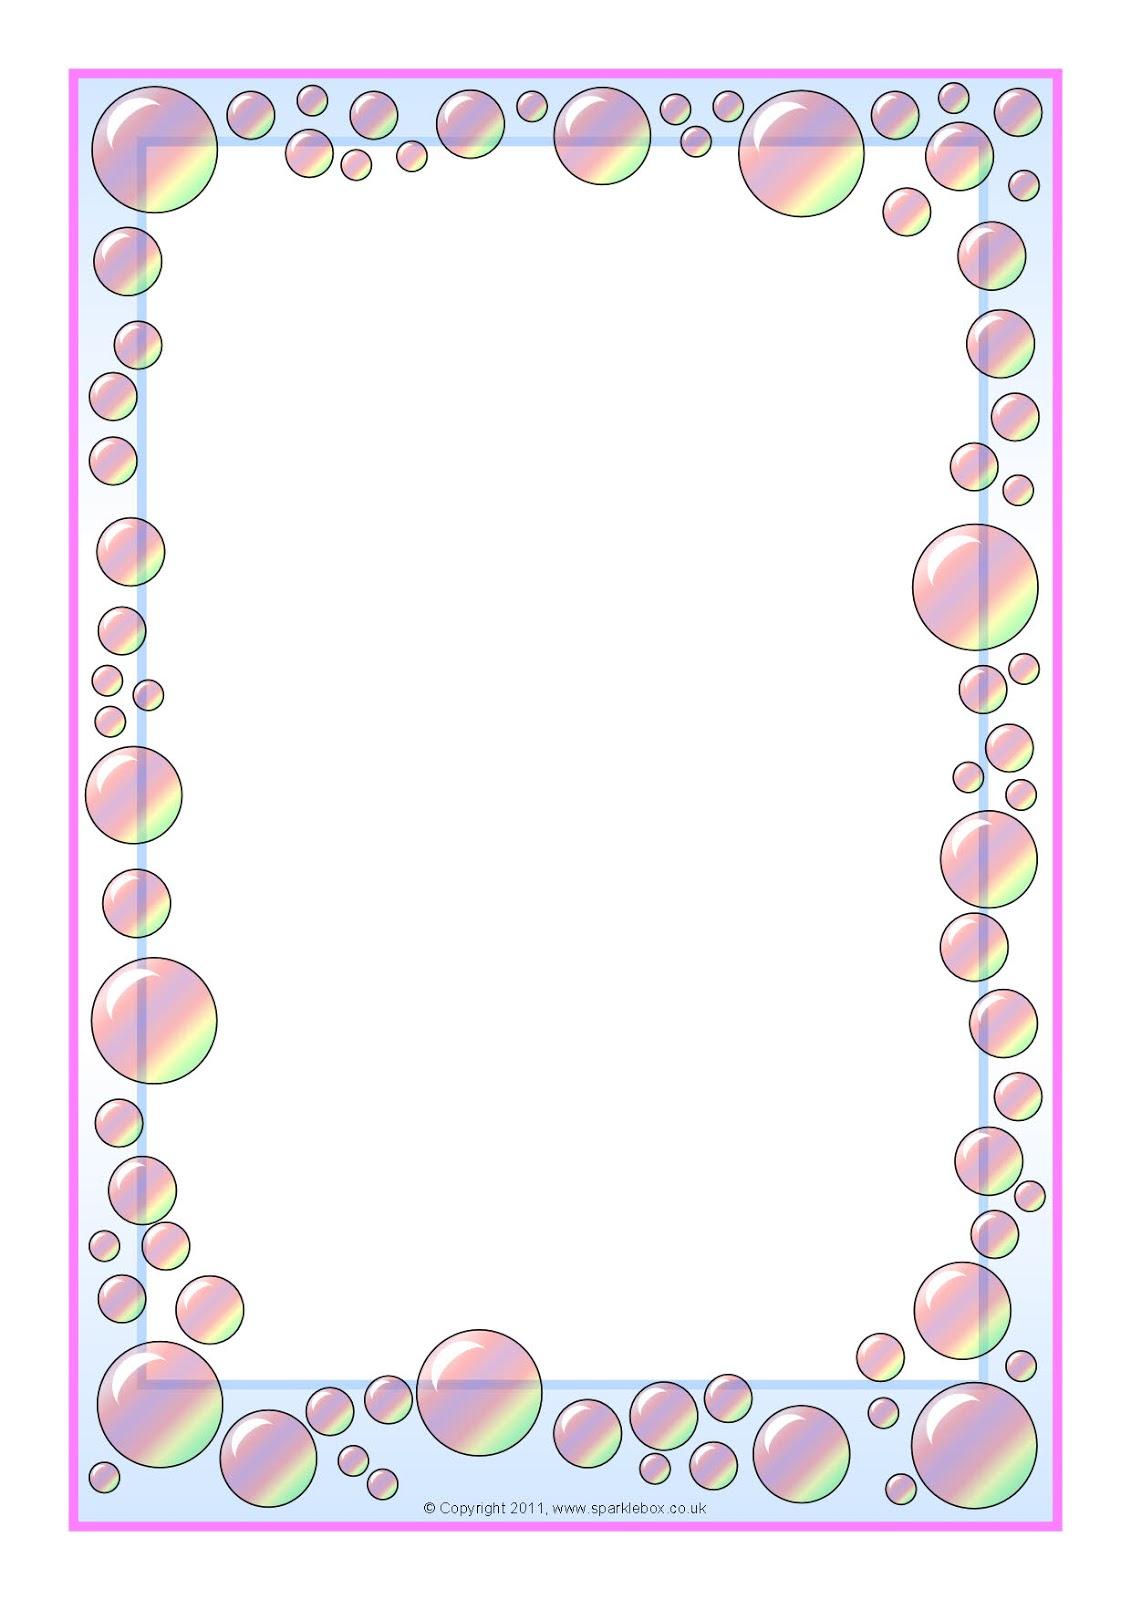 12 Simple Border Design Paper Images - Flower Border ...